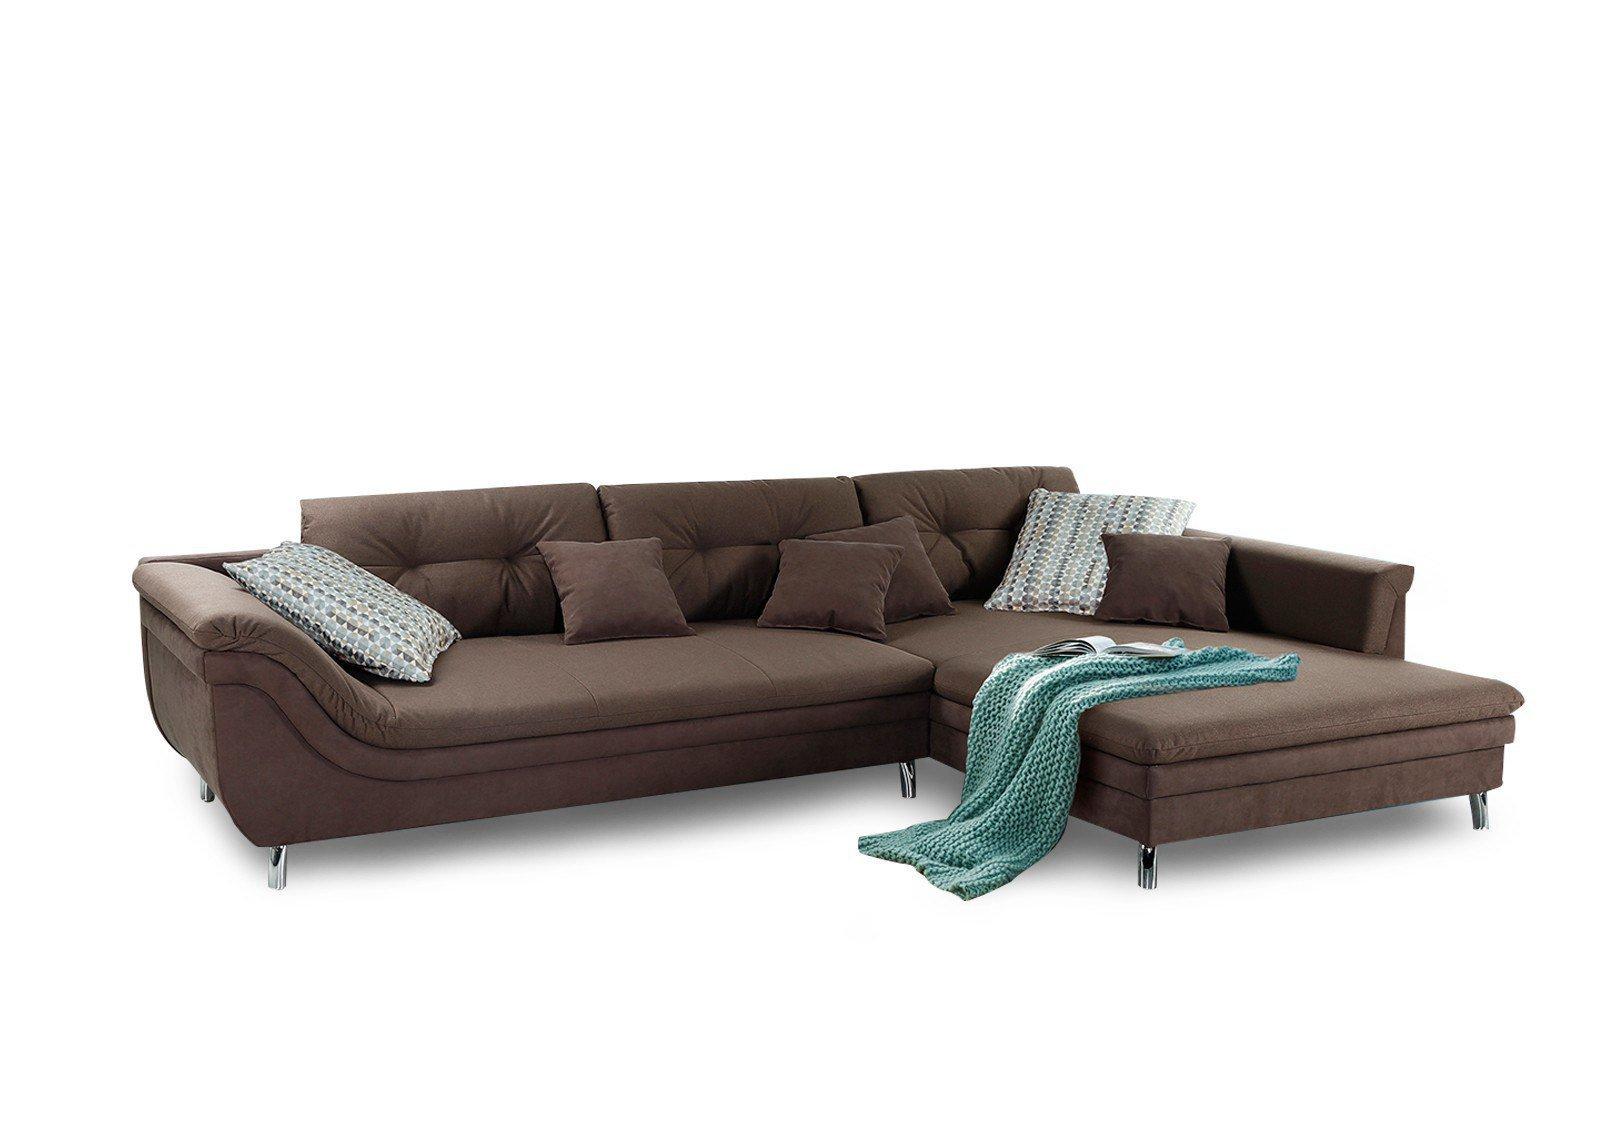 jockenh fer montreal eckgarnitur braun m bel letz ihr online shop. Black Bedroom Furniture Sets. Home Design Ideas